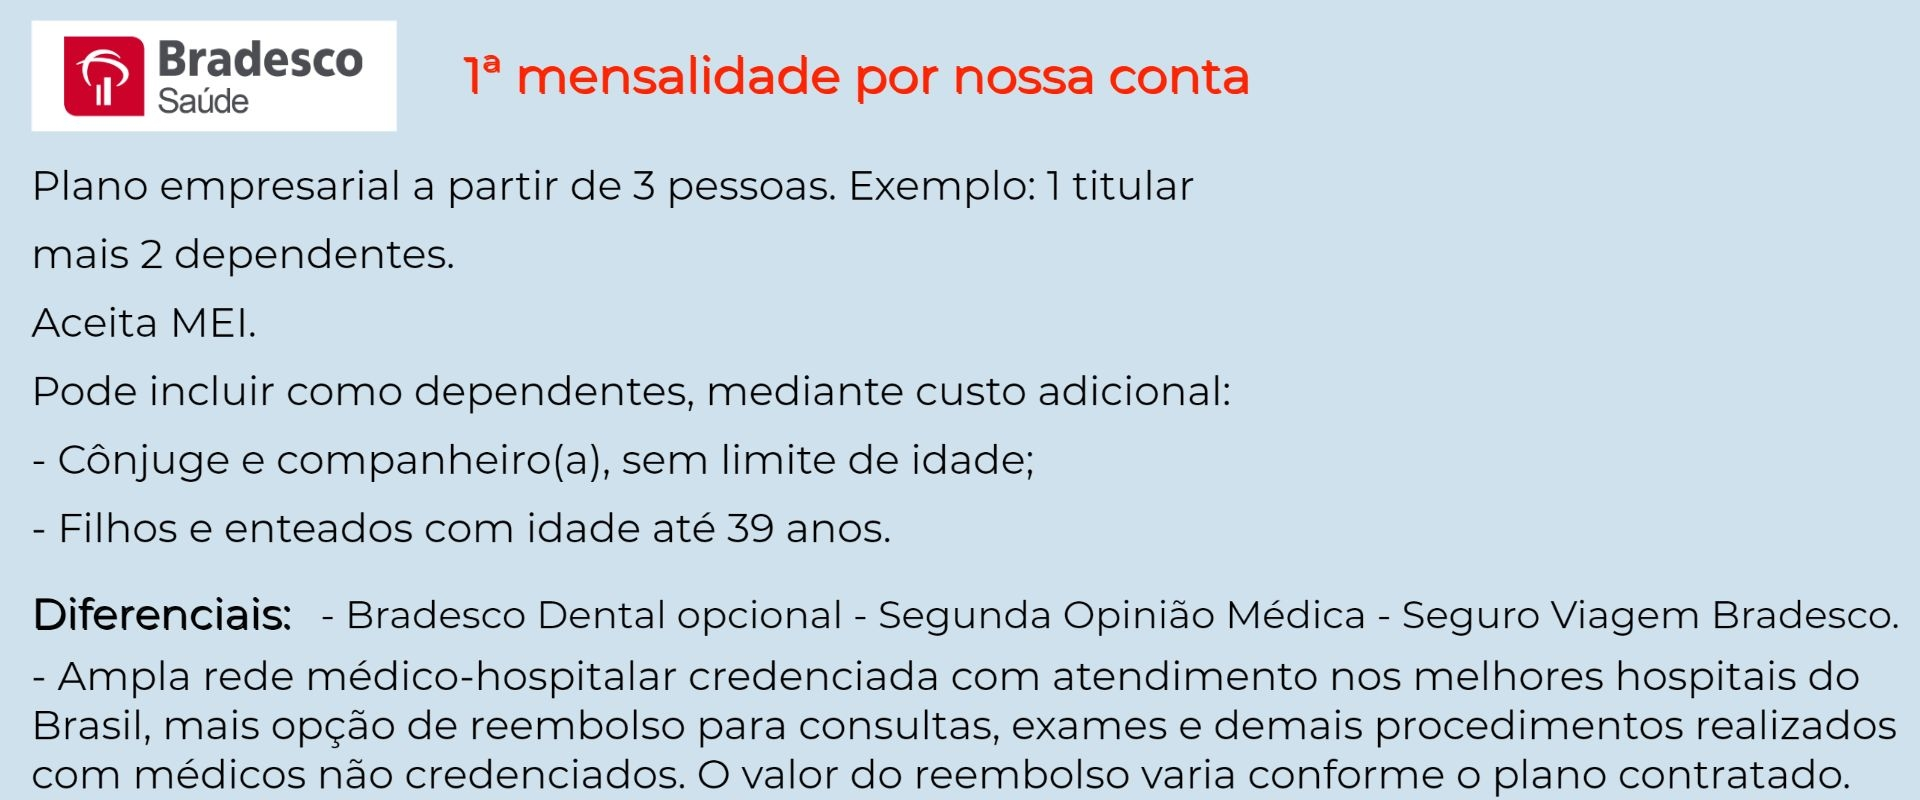 Bradesco Saúde Empresarial - Sertãozinho